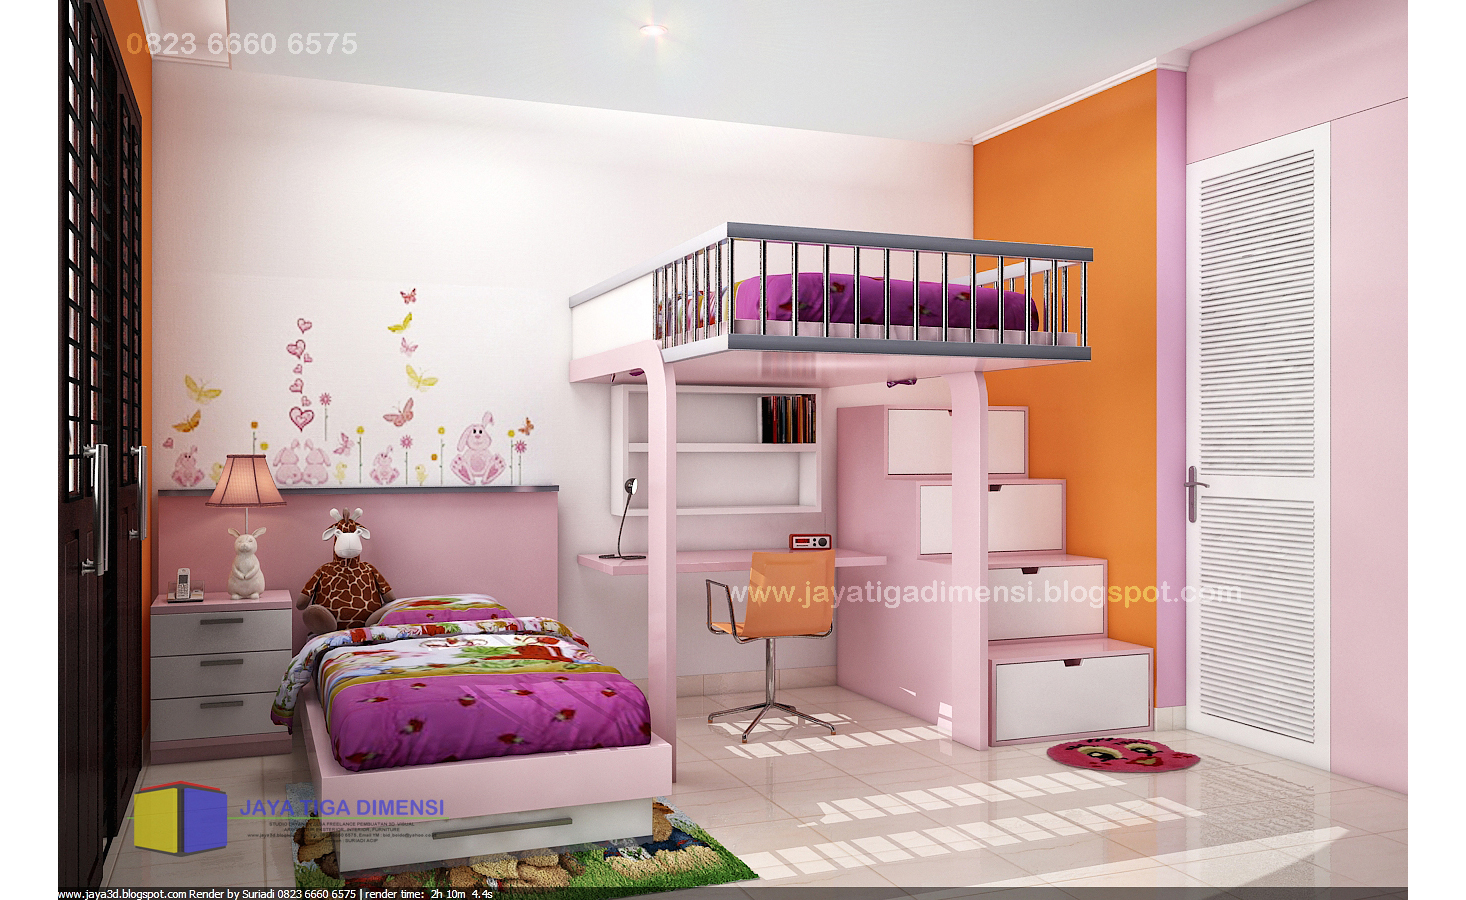 55 Desain Kamar Tidur Anak Perempuan Unik Minimalis Sederhana